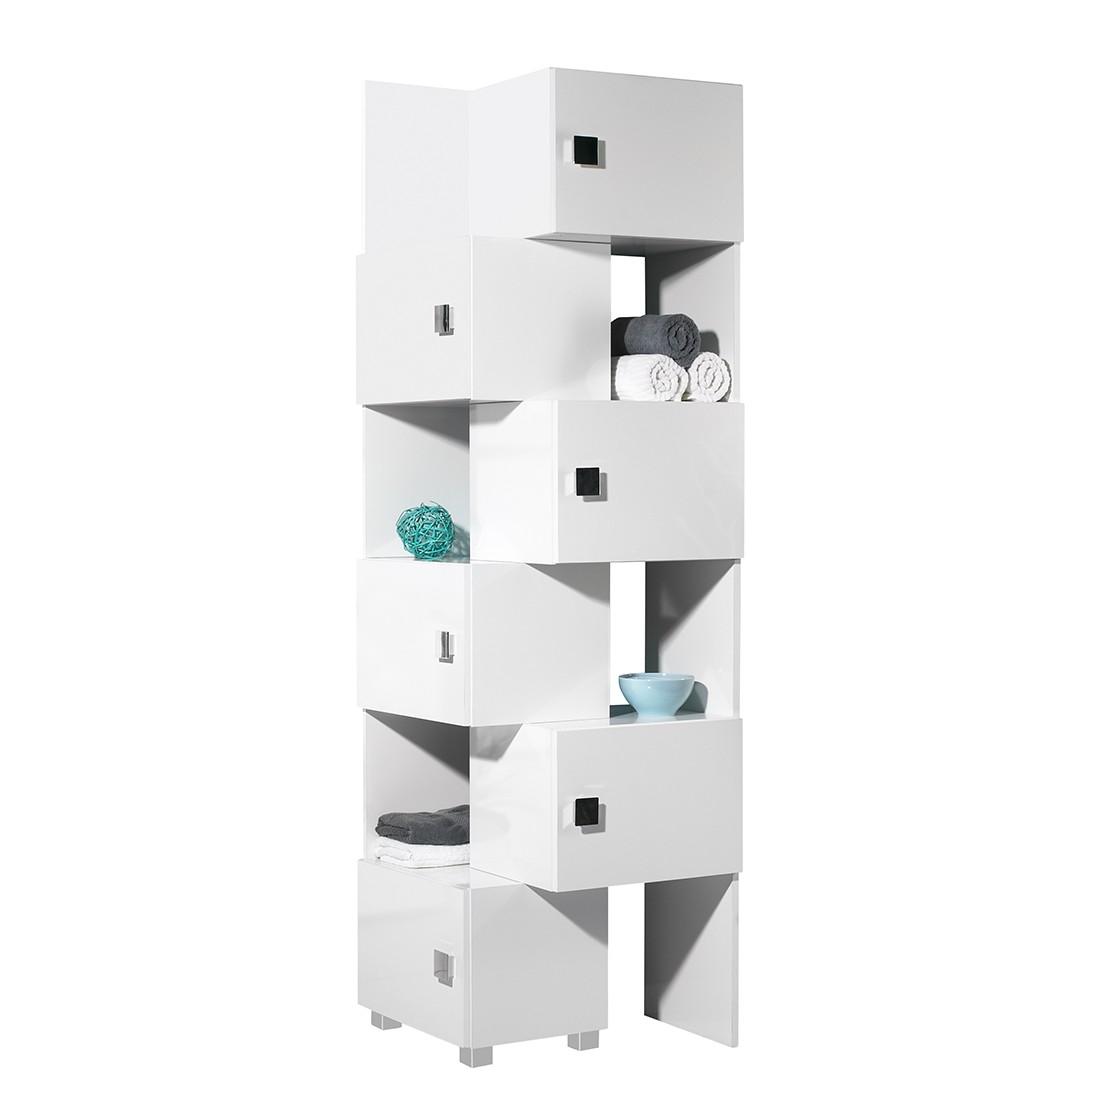 Mobiletto scomponibile Genf - 2 pezzi Bianco lucido / lucido/Bianco, Schildmeyer